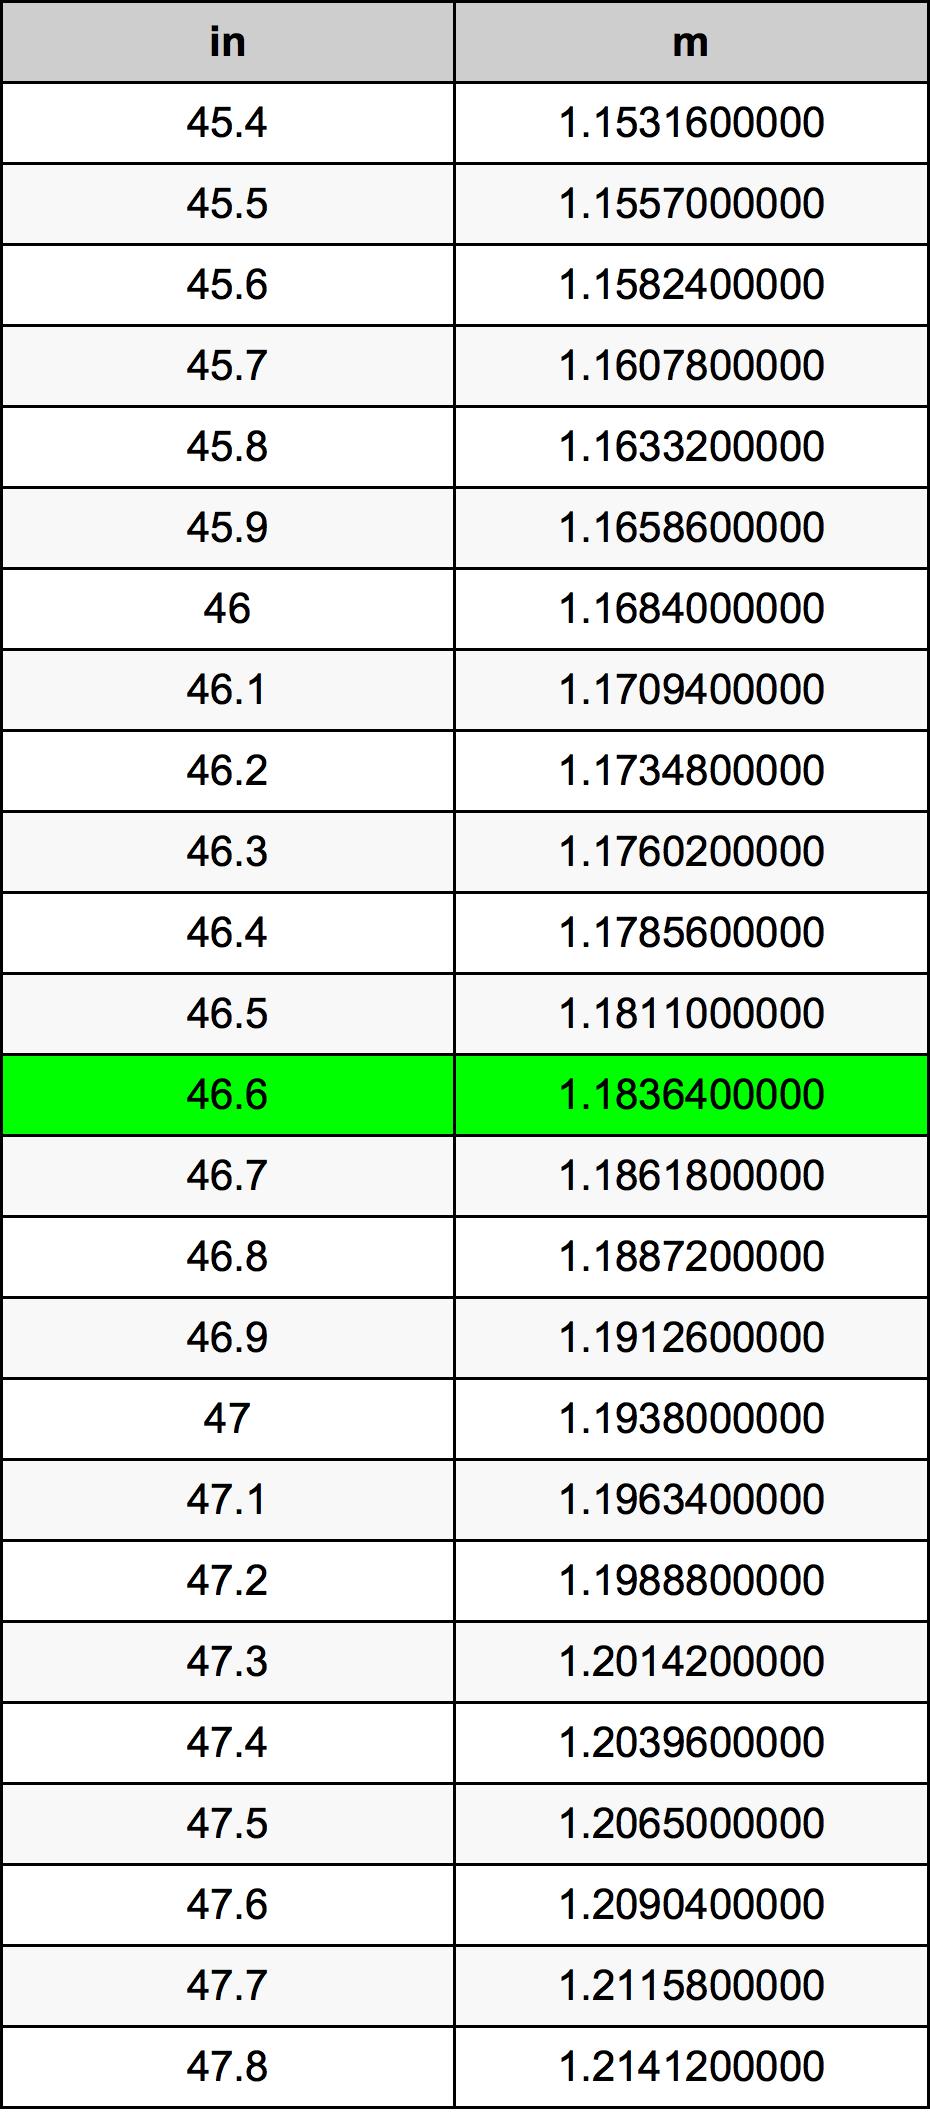 46.6 Pulzier konverżjoni tabella